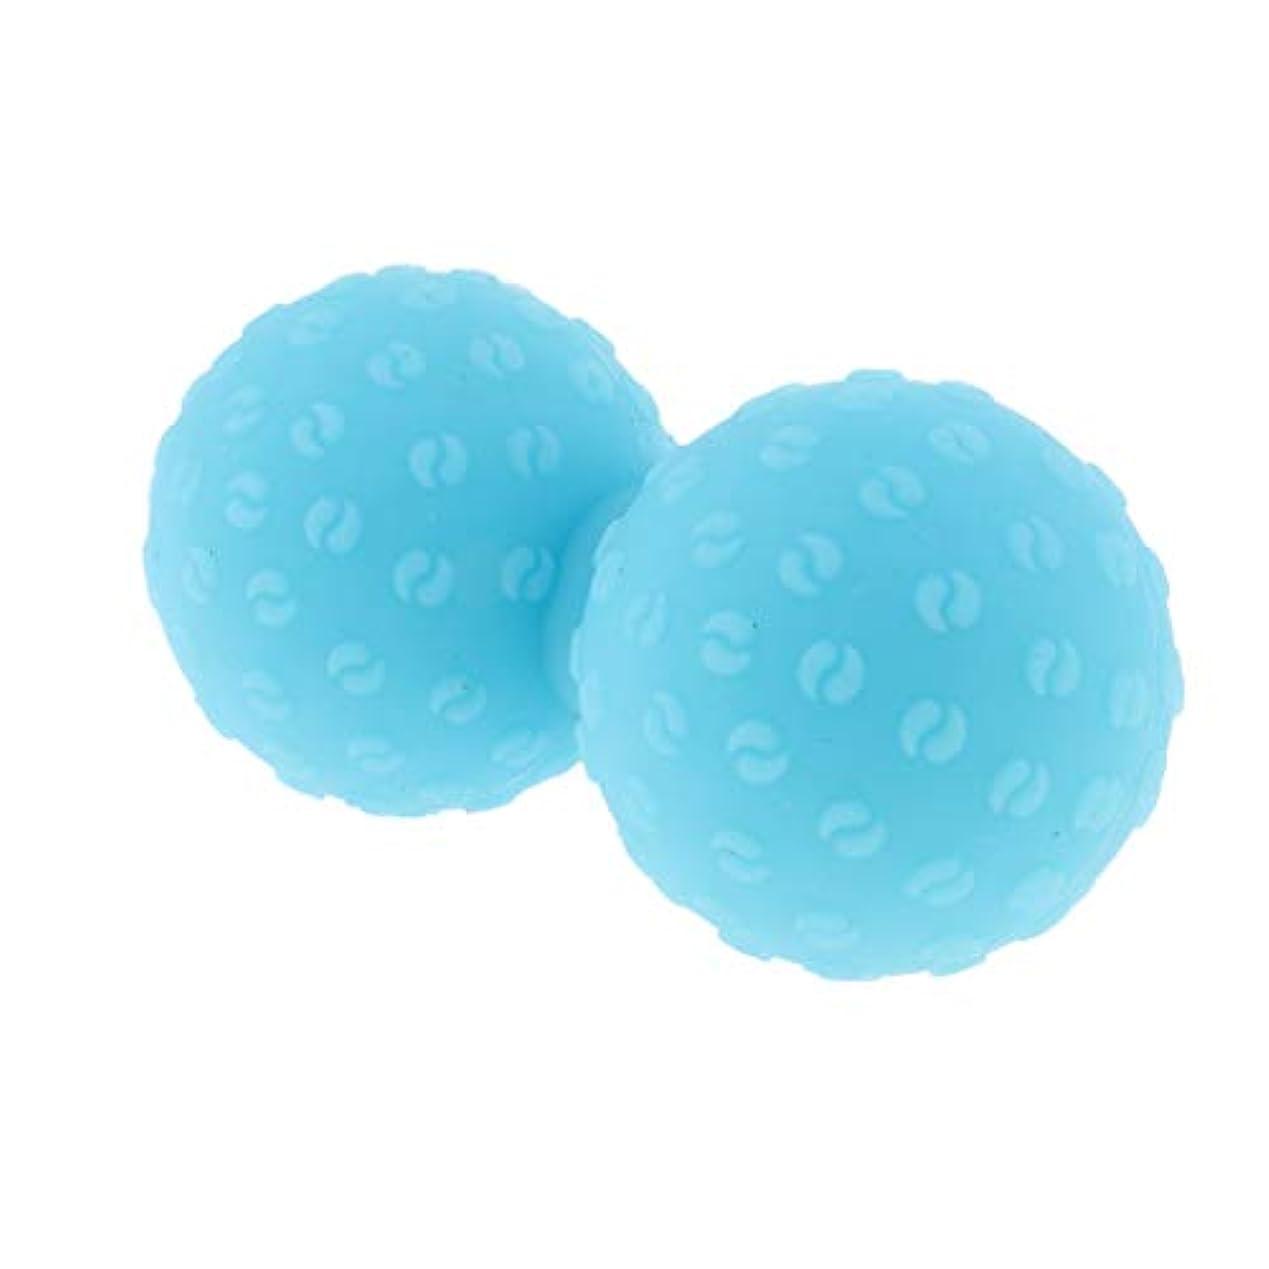 自治的苛性どうしたのシリコンマッサージボール 指圧ボール ピーナッツ トリガーポイント ツボ押しグッズ ヨガ 全6色 - 青, 説明のとおり